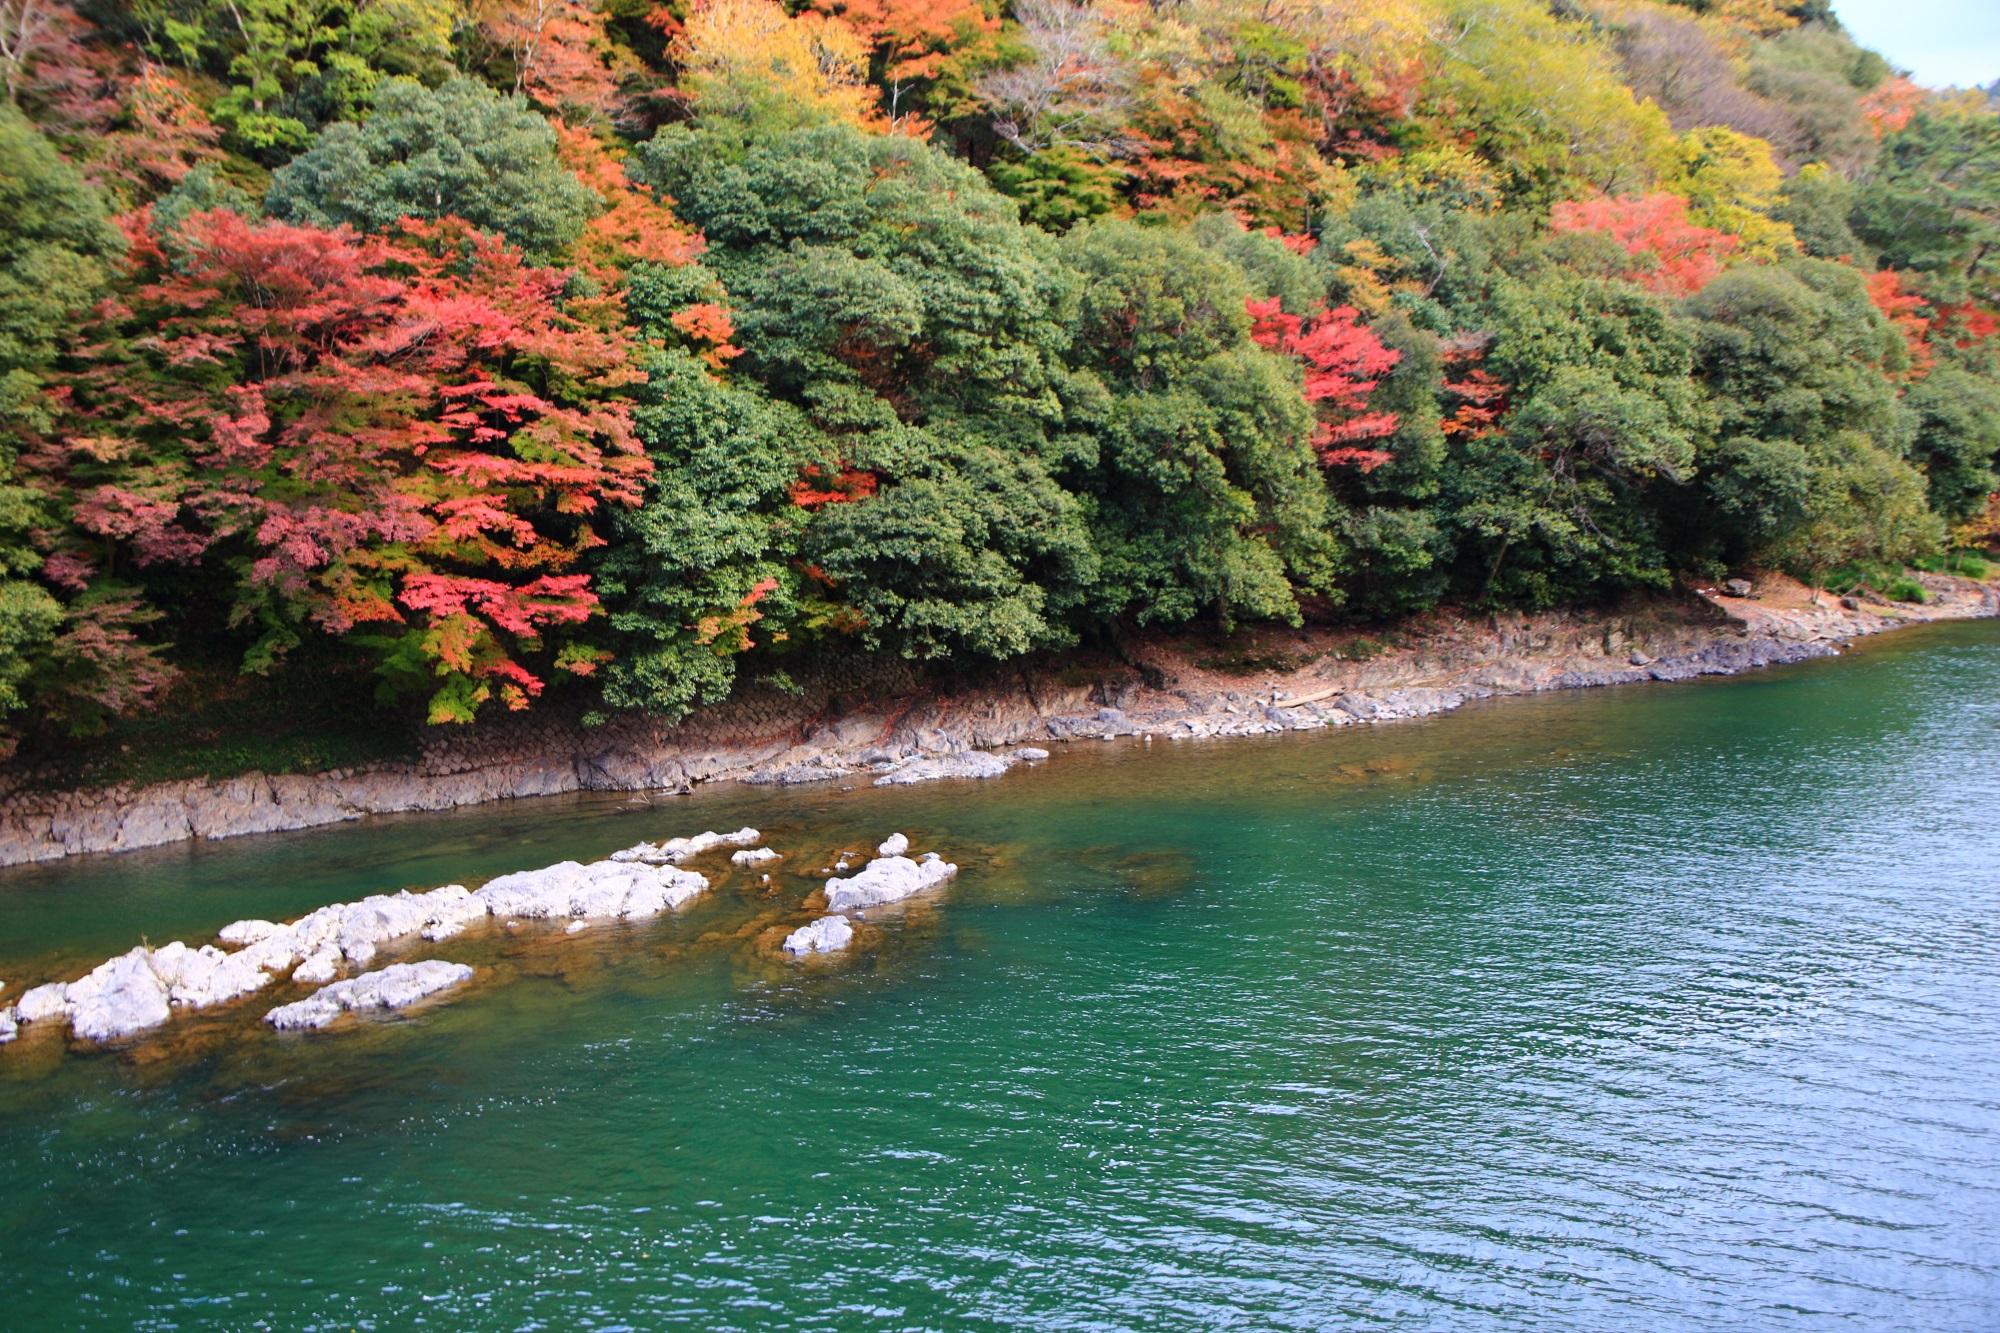 もみじの名所の宇治川の鮮やかな紅葉